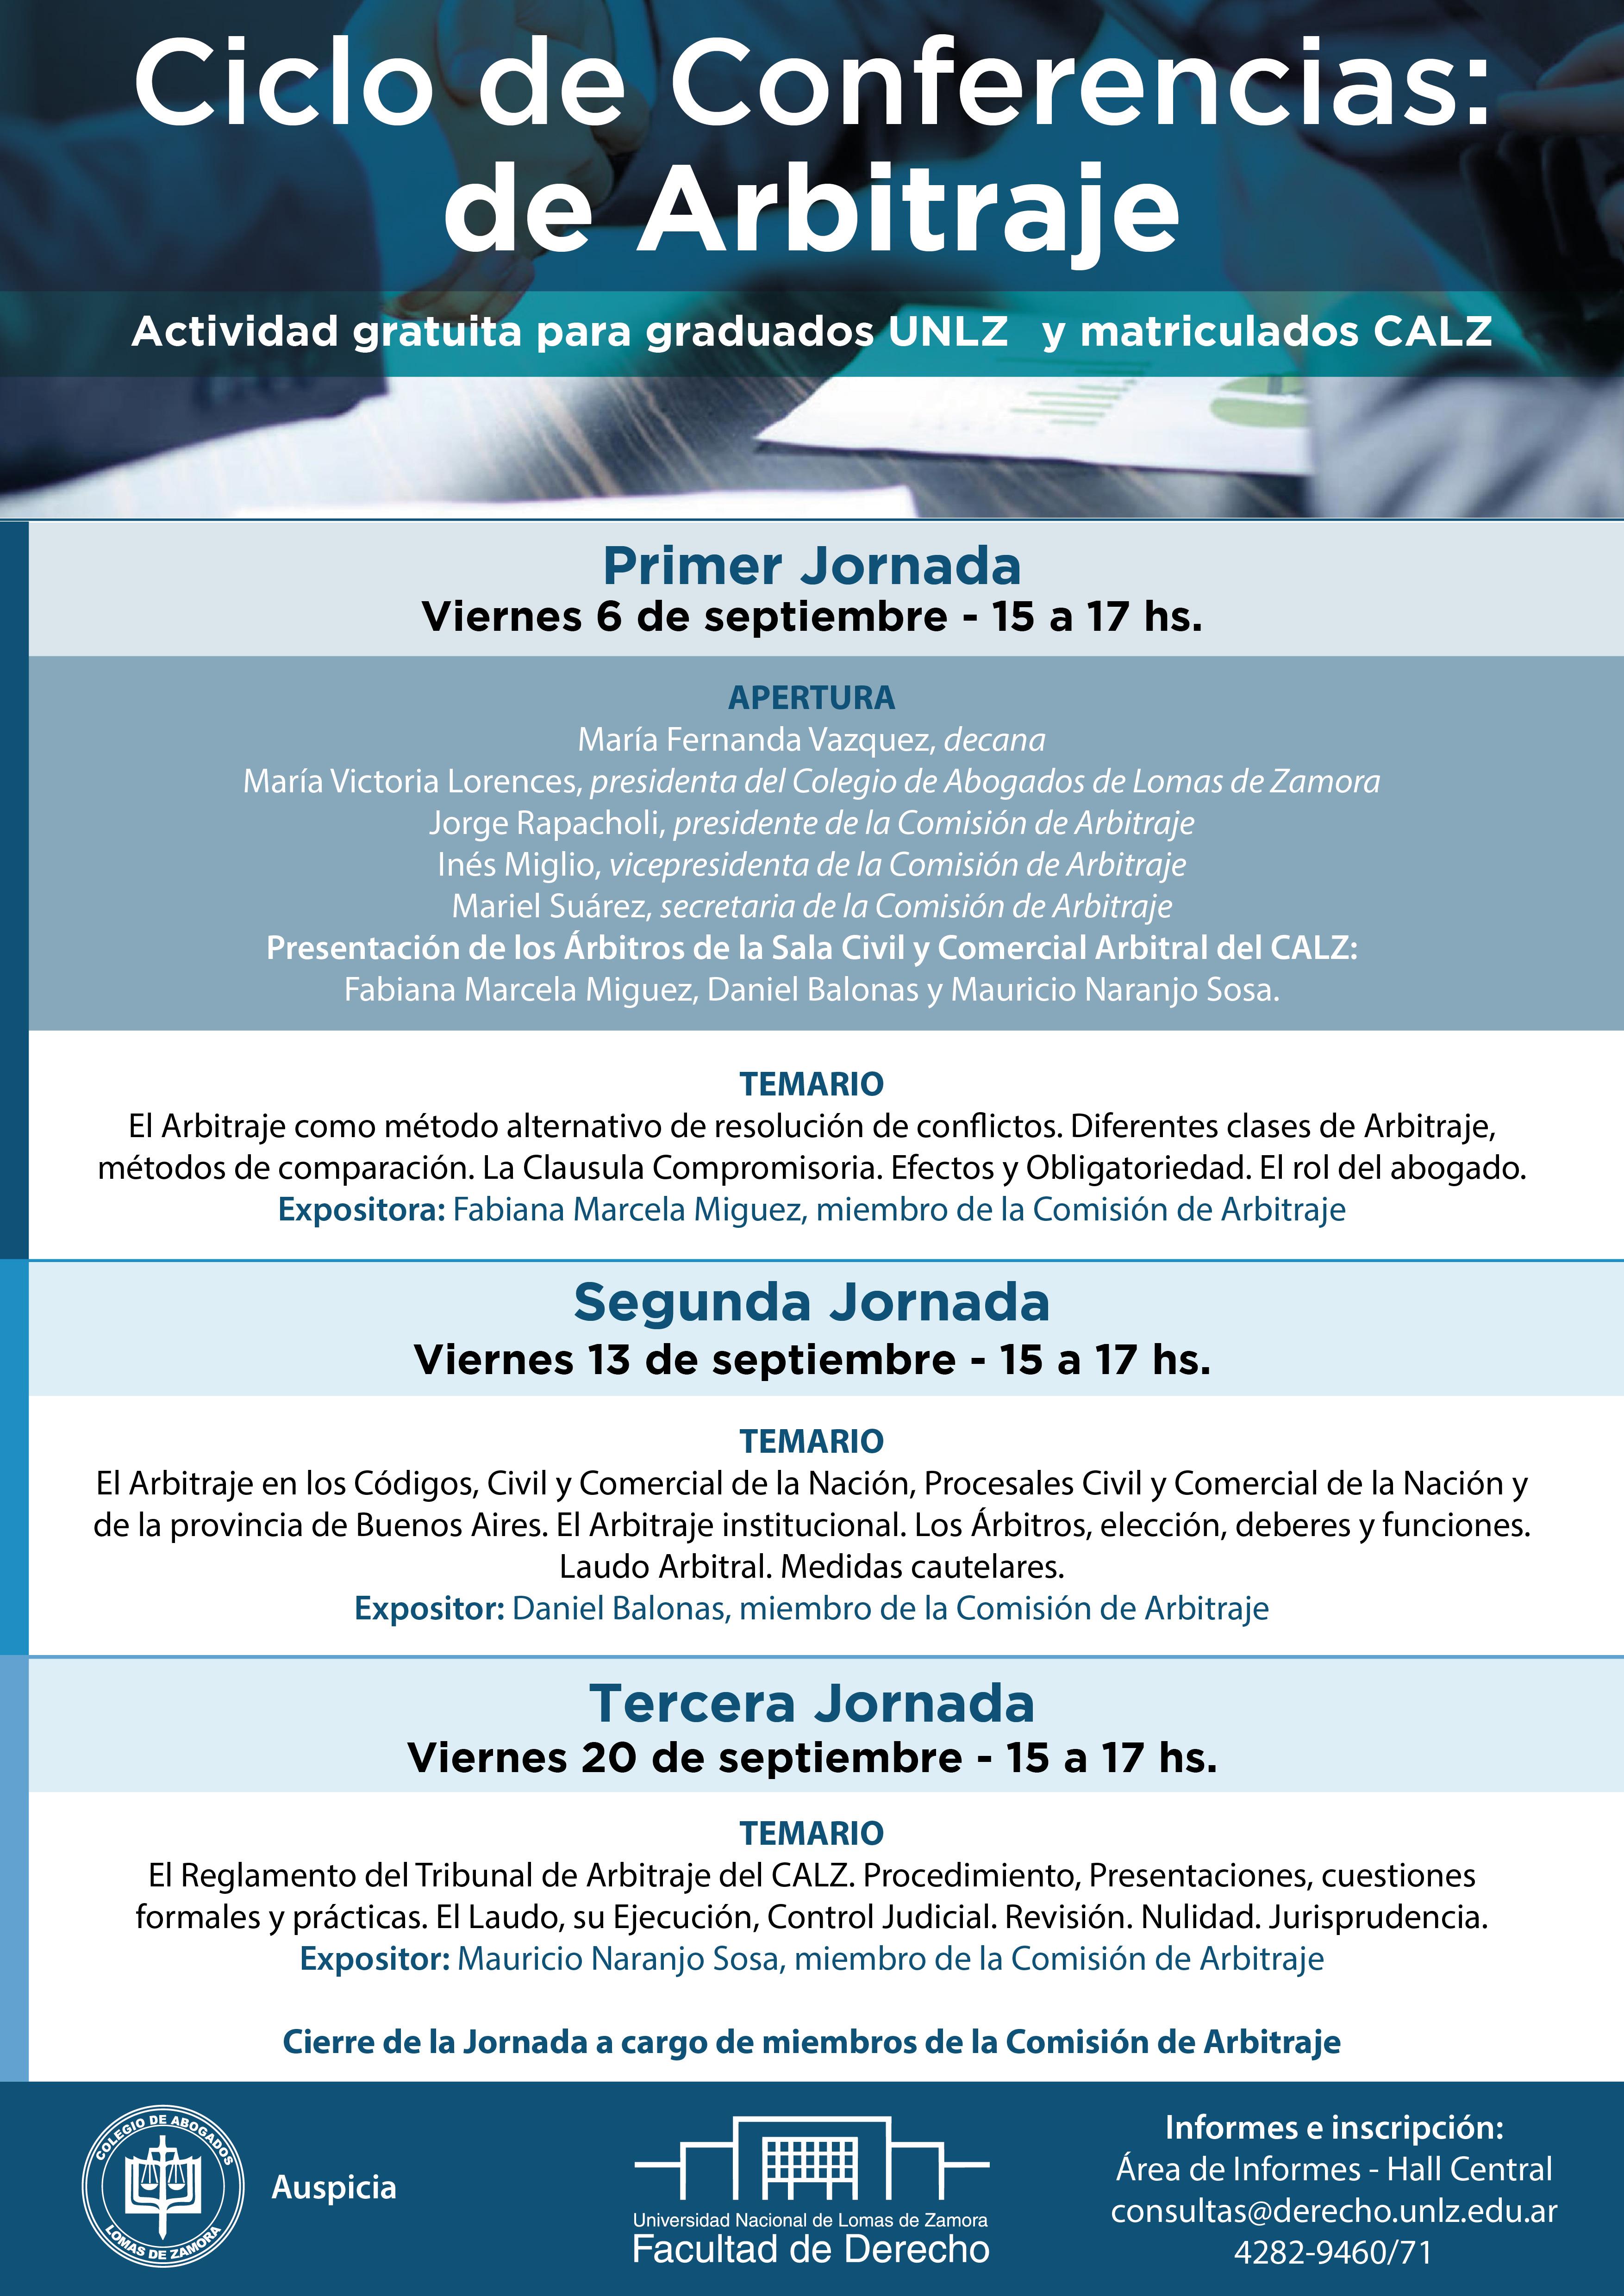 Ciclo de Conferencias: Arbitraje